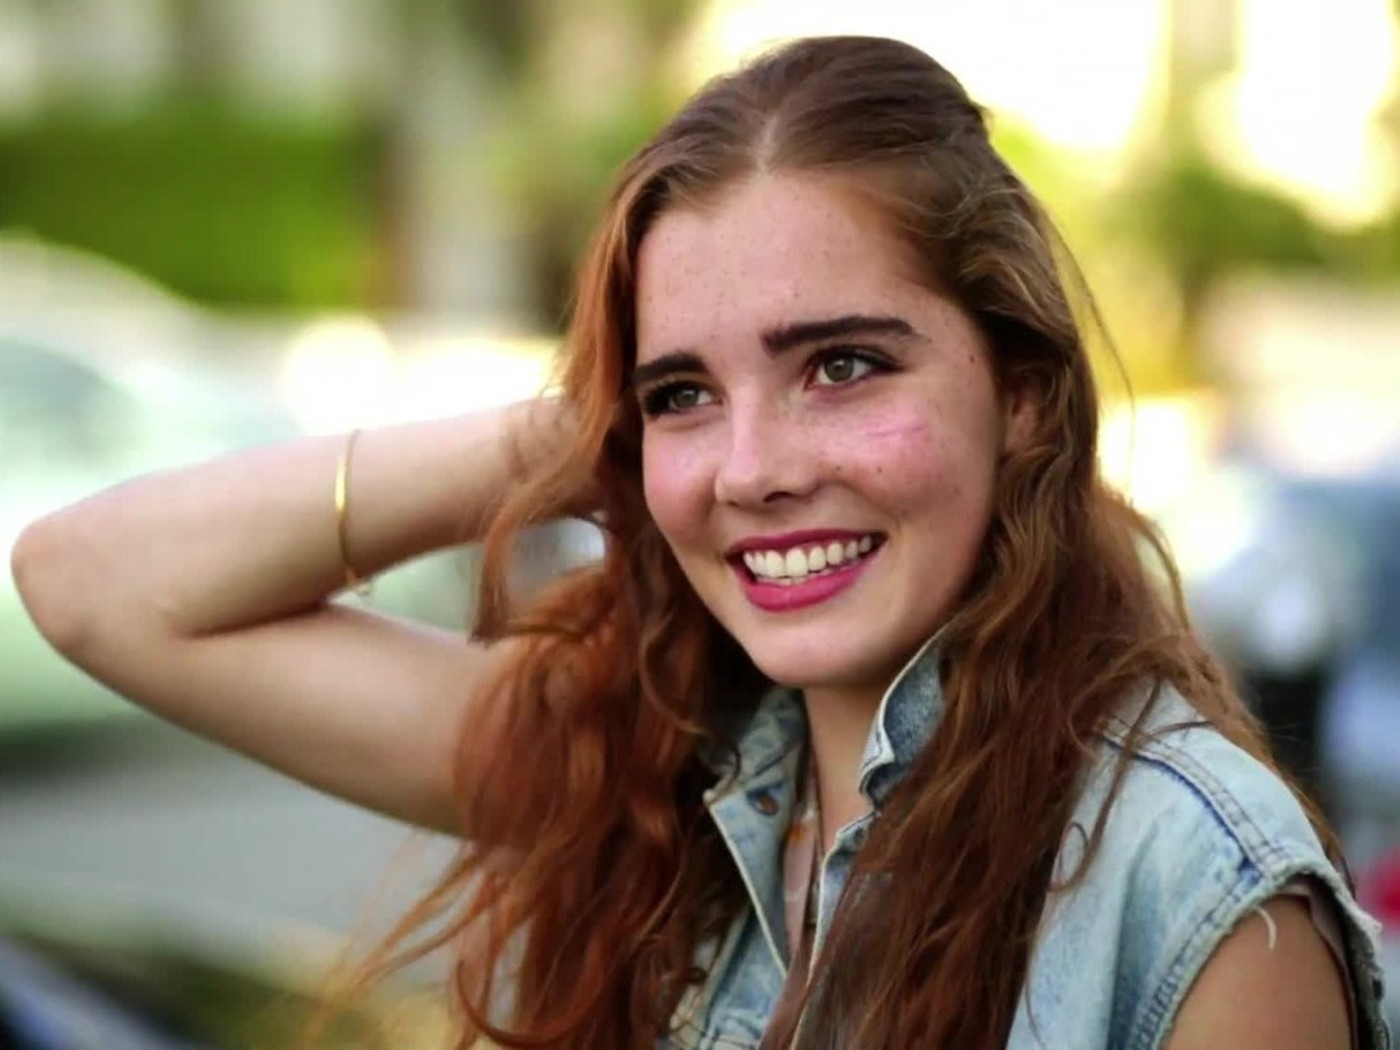 Elise Eberle